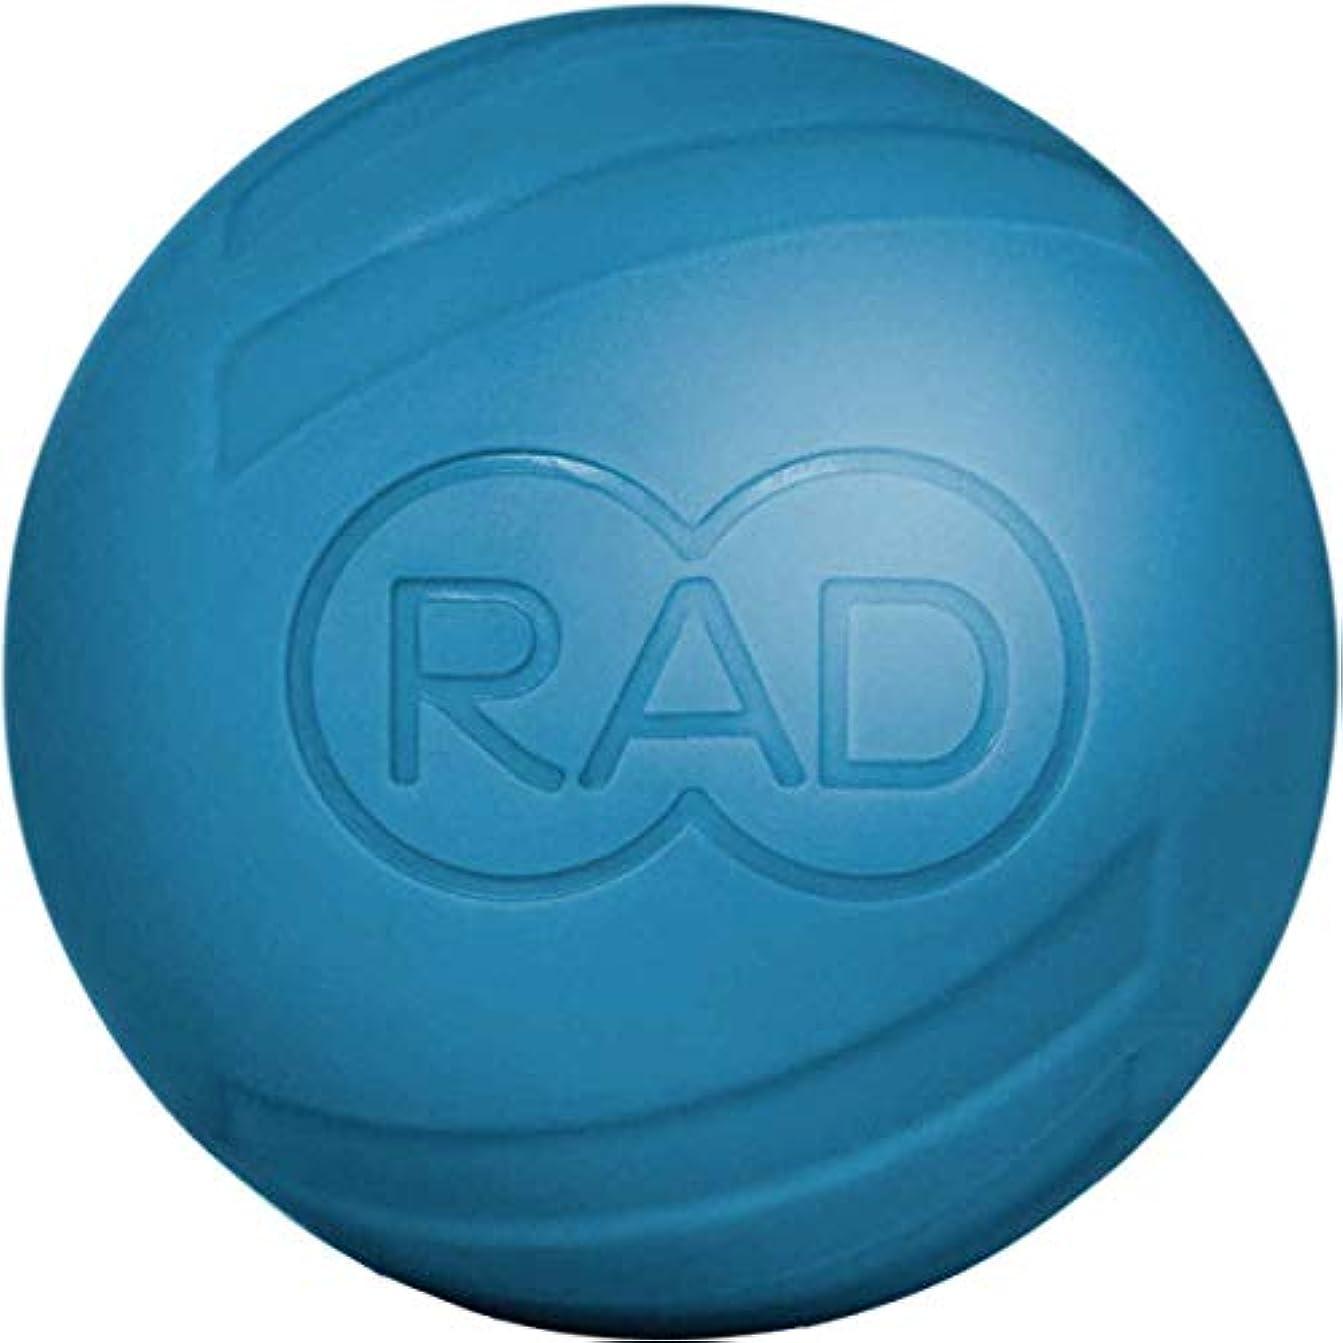 性格ハイブリッド劇場RAD アトム|高密度筋膜リリースツール|セルフマッサージで可動性と回復を促します